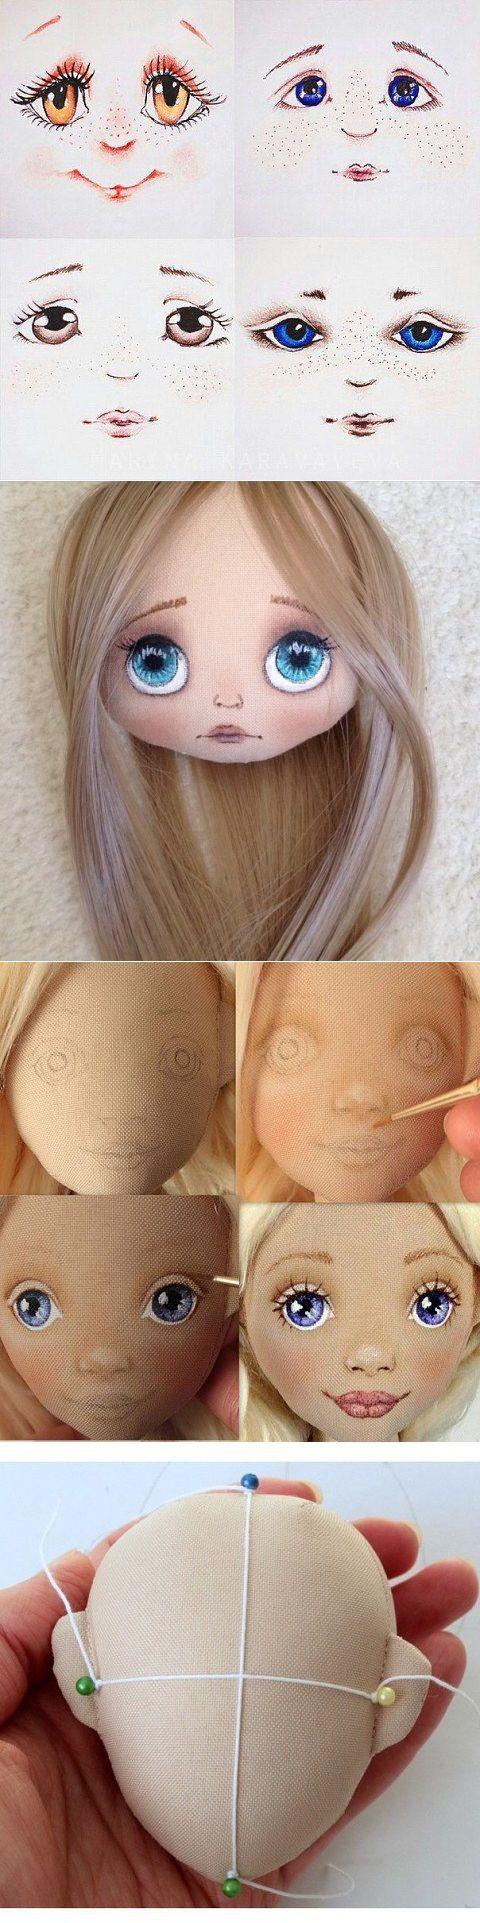 Expresiones y ojos para caras de muñecas